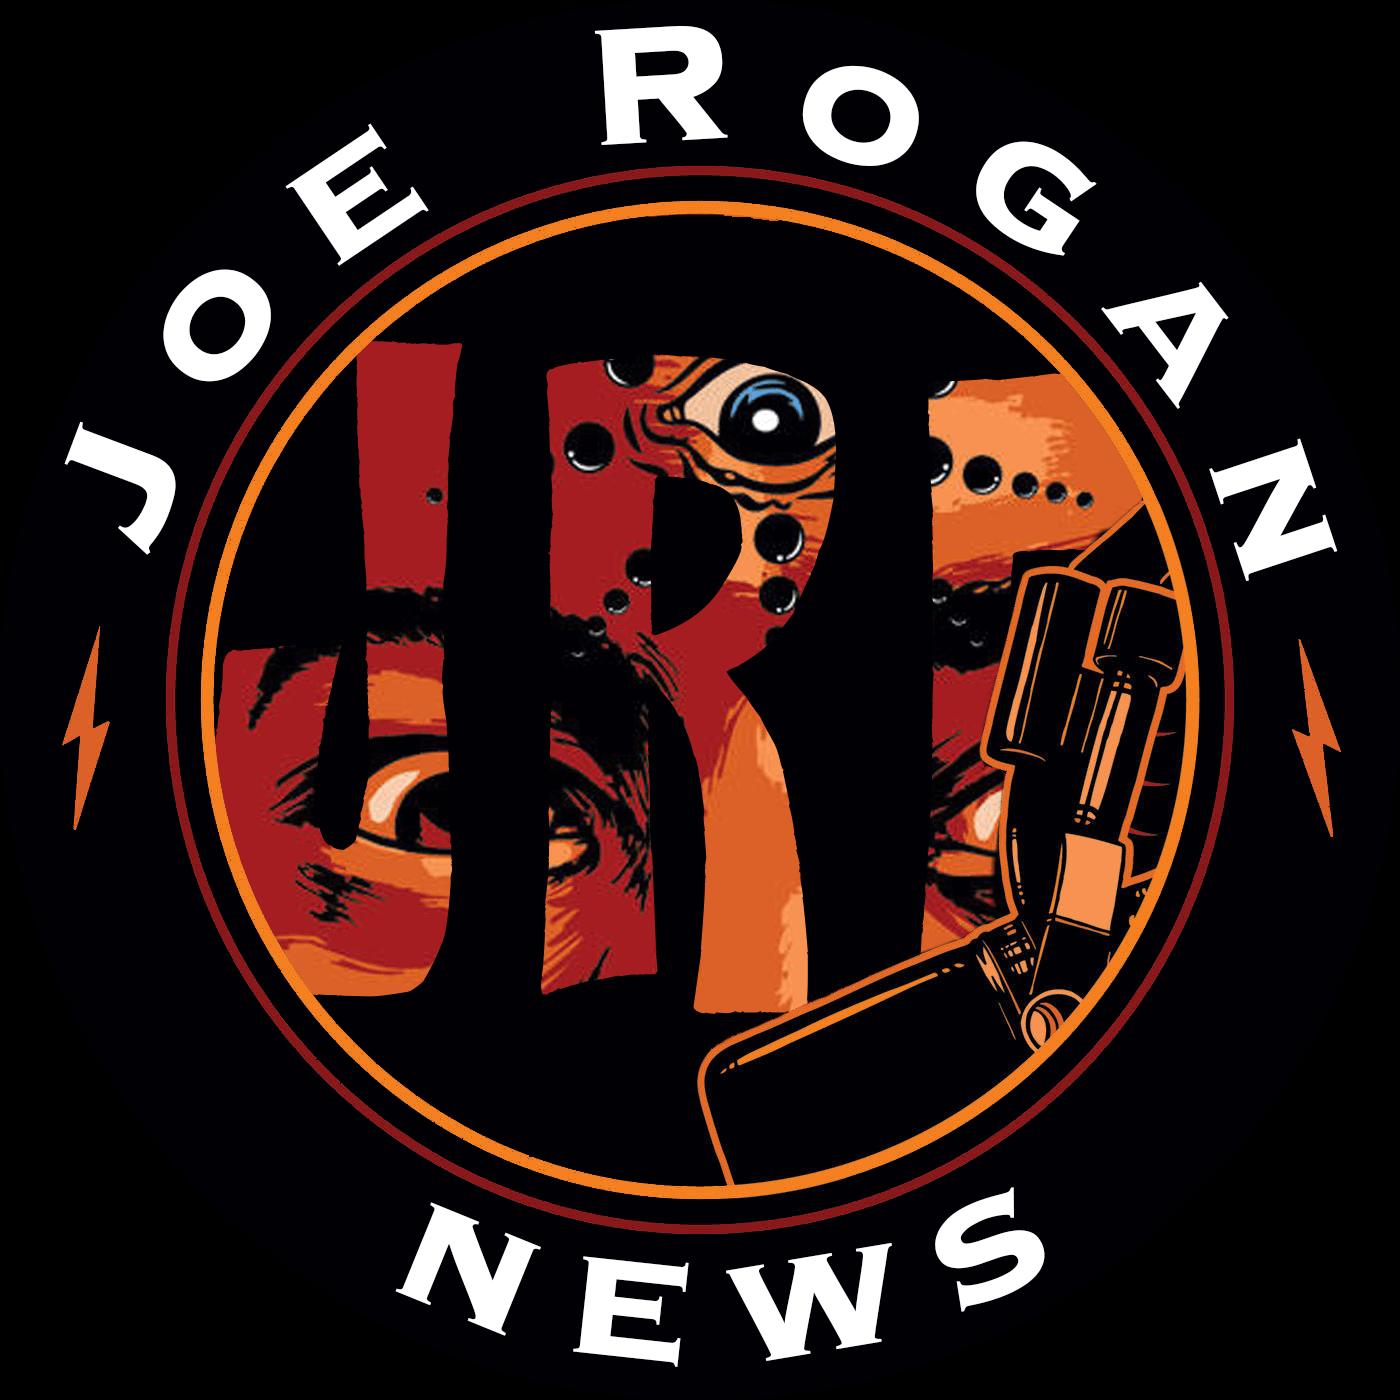 JRE News